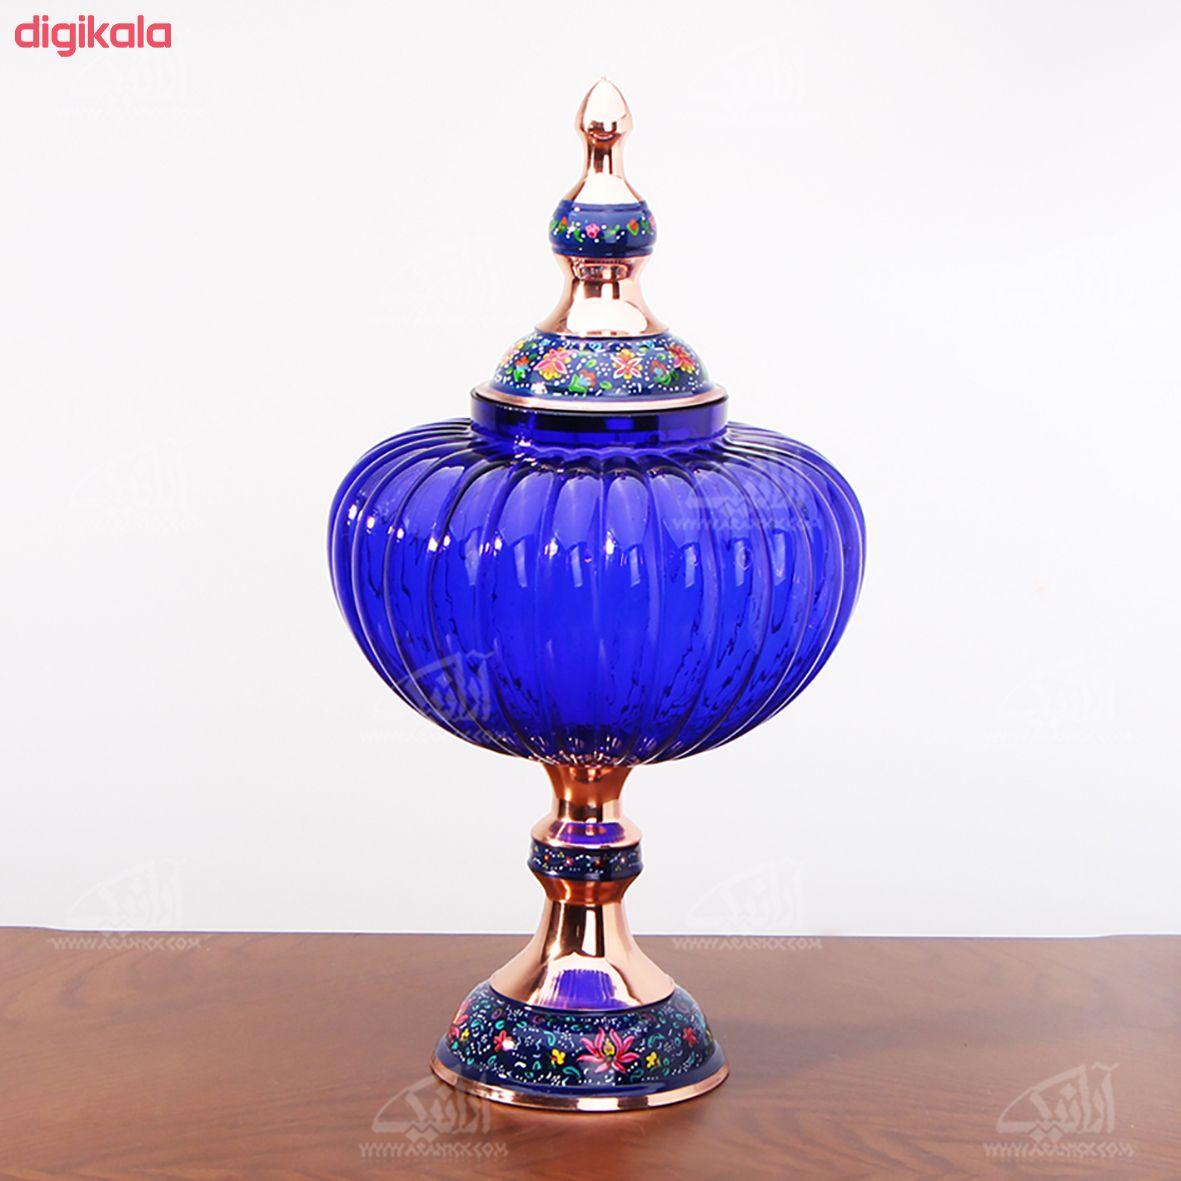 شکلات خوری پایه دار مس و پرداز رنگ آبی تیره طرح آبگینه مدل 1001200036 main 1 1